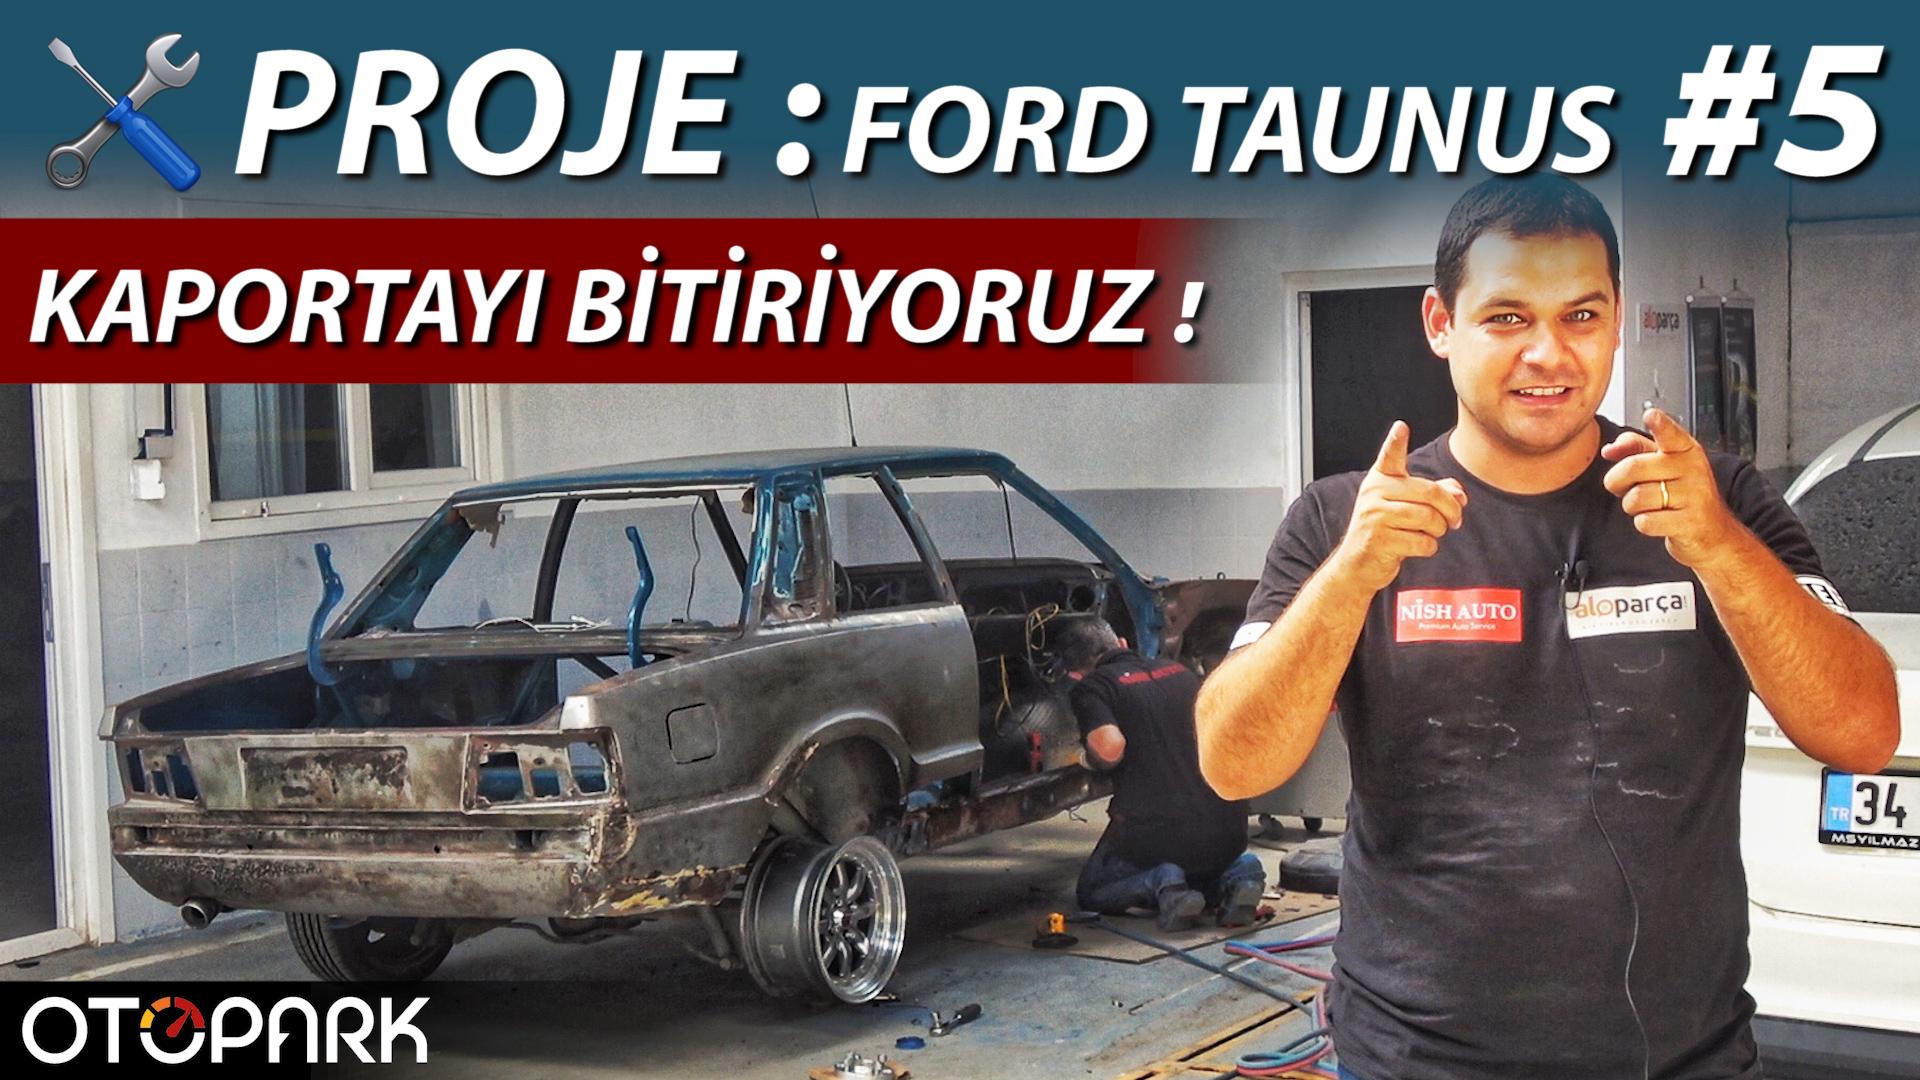 Photo of Proje: Ford Taunus | Bölüm #5 | Kaporta BİTTİ !